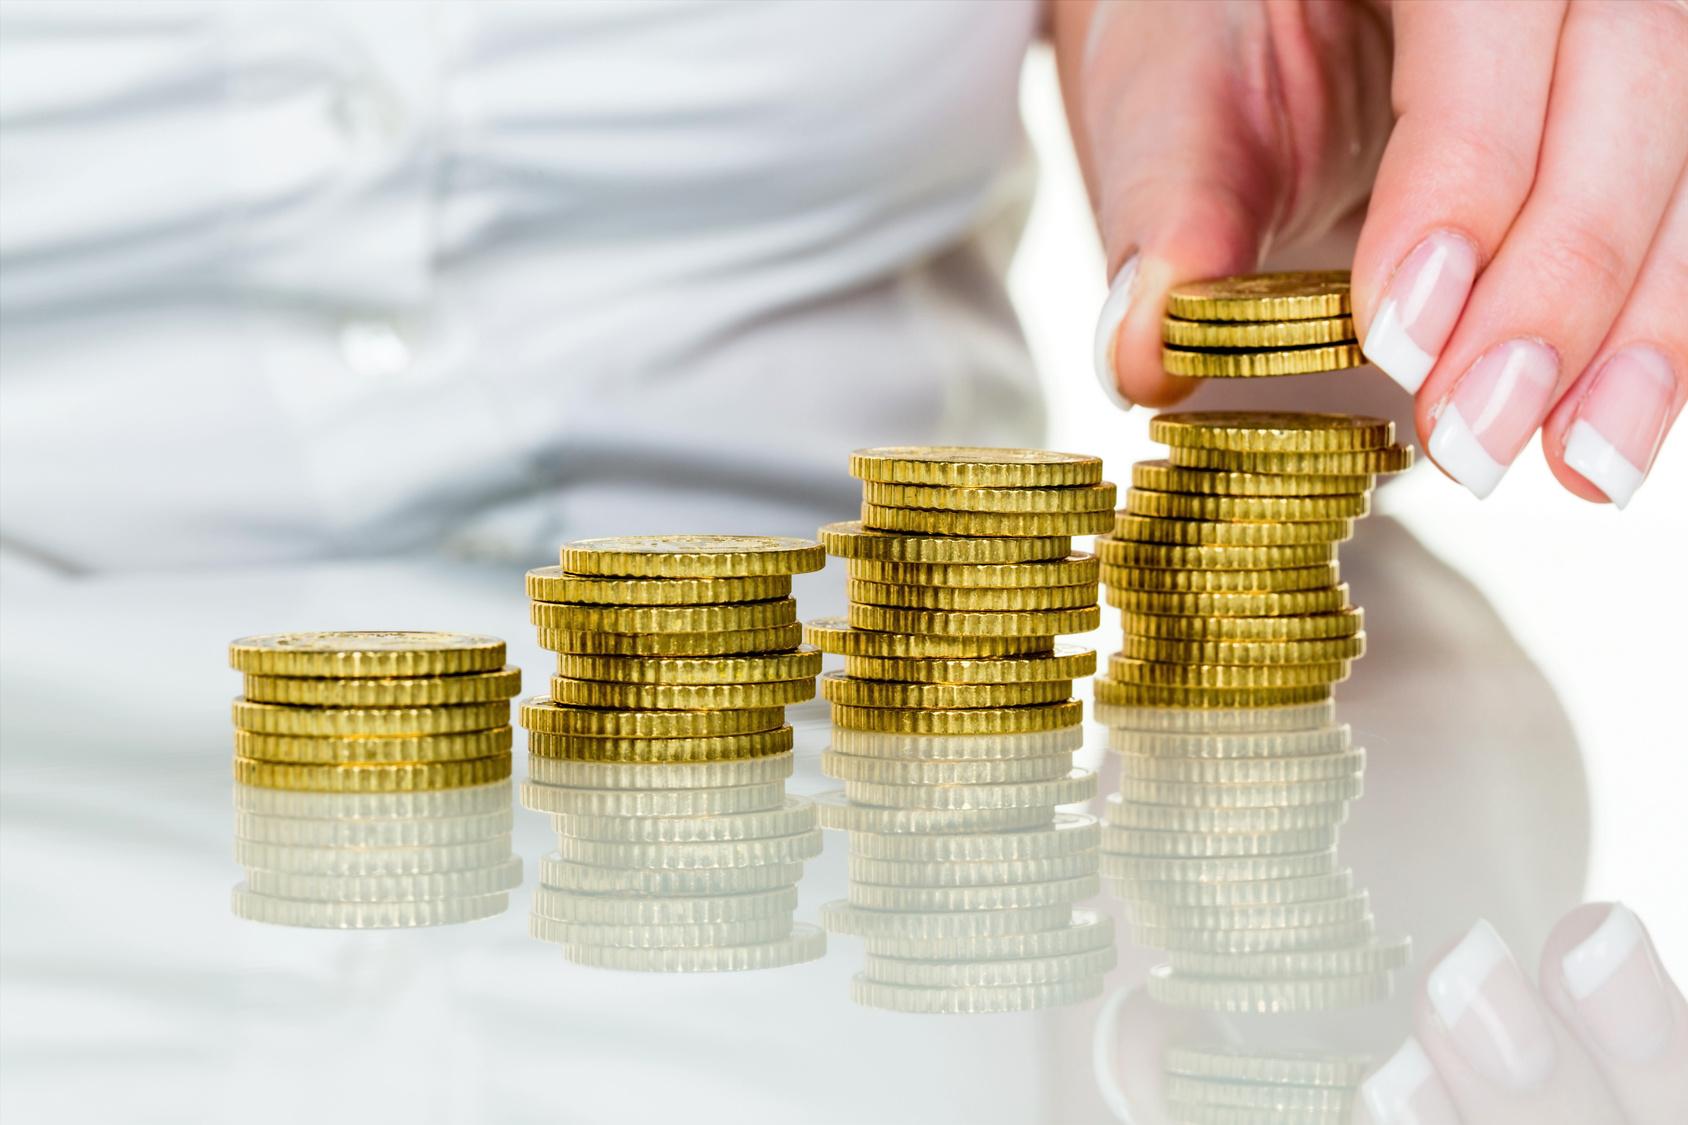 Zinsen für Immobilienkredite in Österreich fallen weiter